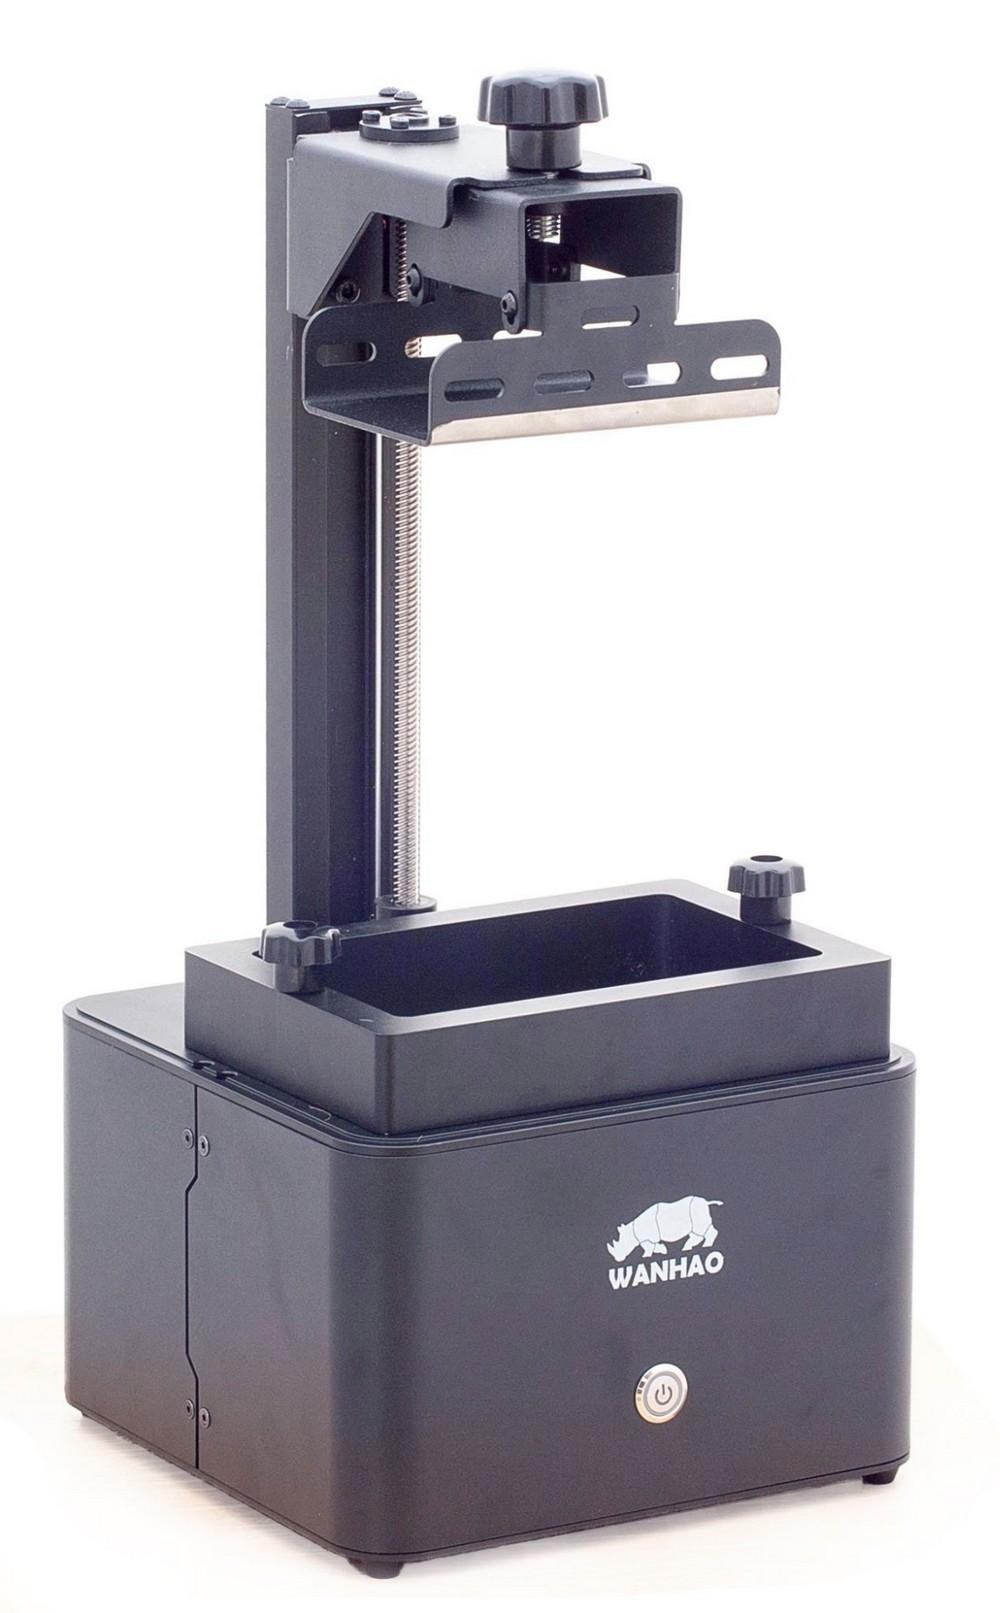 Китай в 3D — здесь делают 3D-принтеры - 56